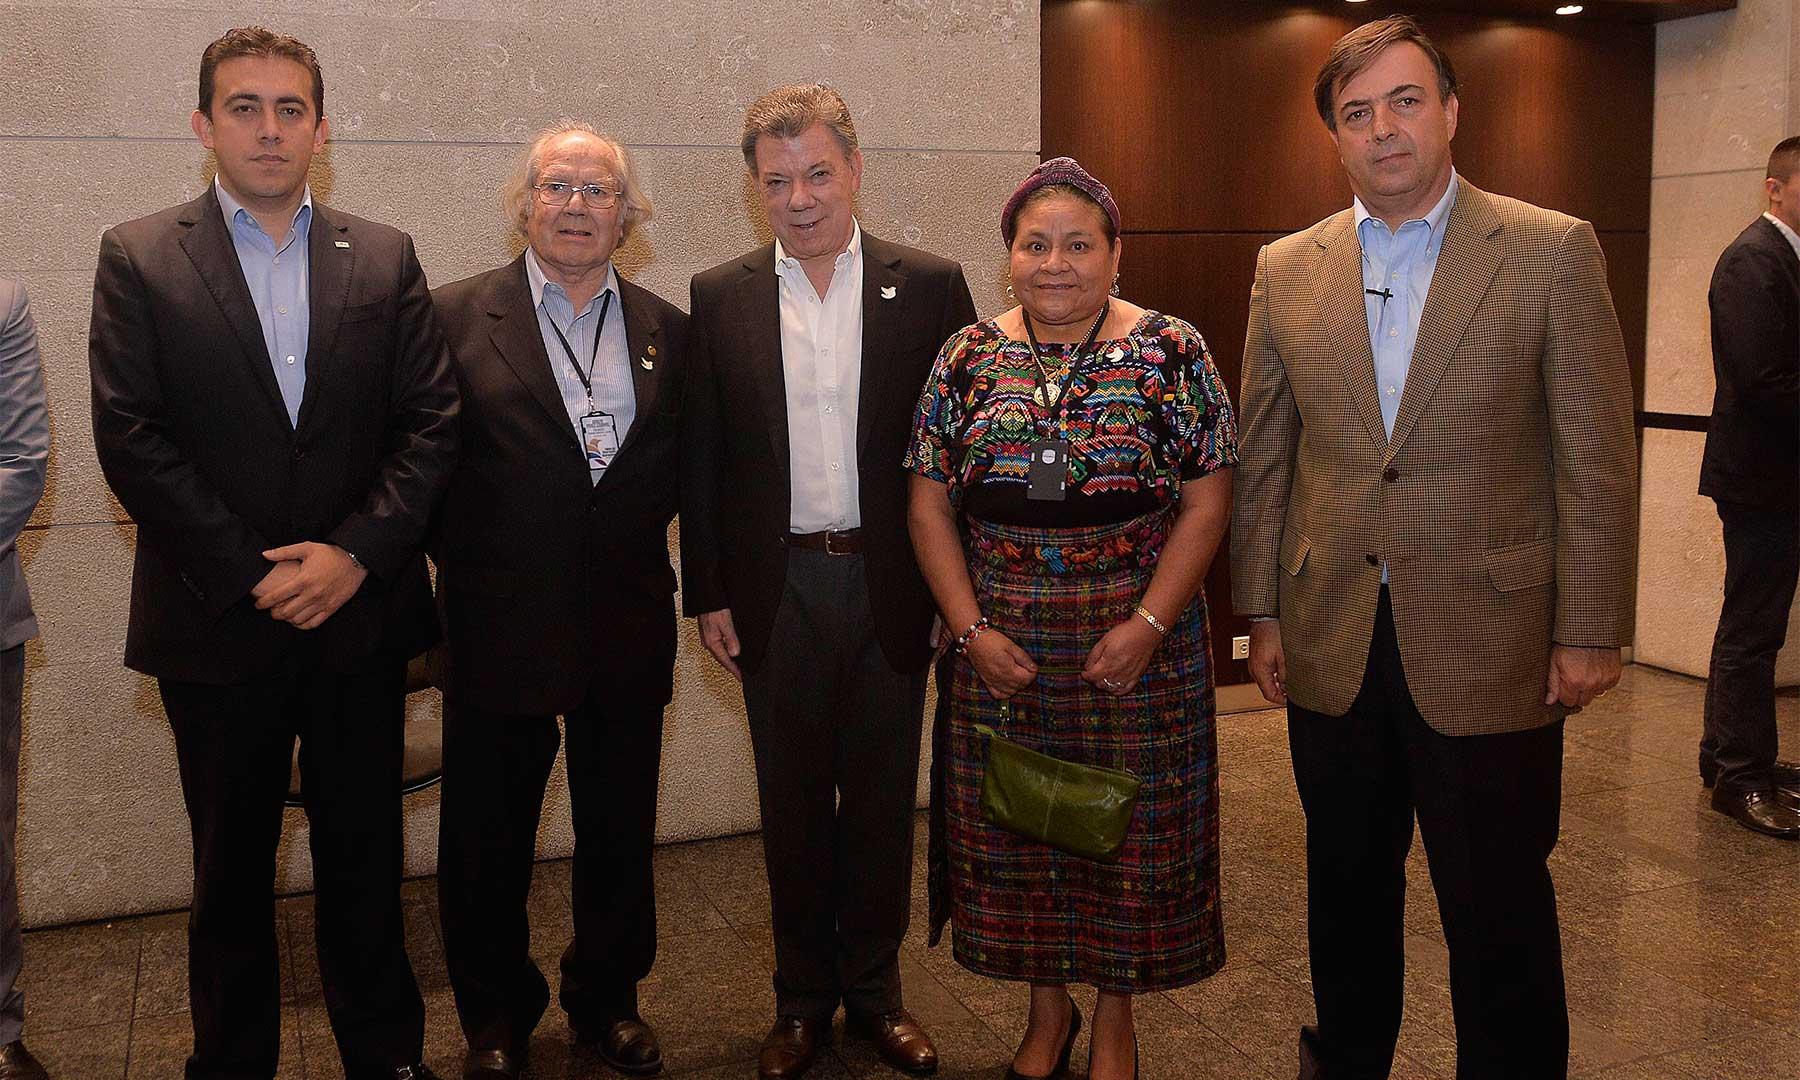 El Presidente Santos, el Registrador Nacional y el Presidente del Consejo Electoral con los Premios Nobel de Paz Rigoberta Menchú y Adolfo Pérez Esquivel, quienes hacen parte de la Misión de Observación Internacional del Plebiscito.